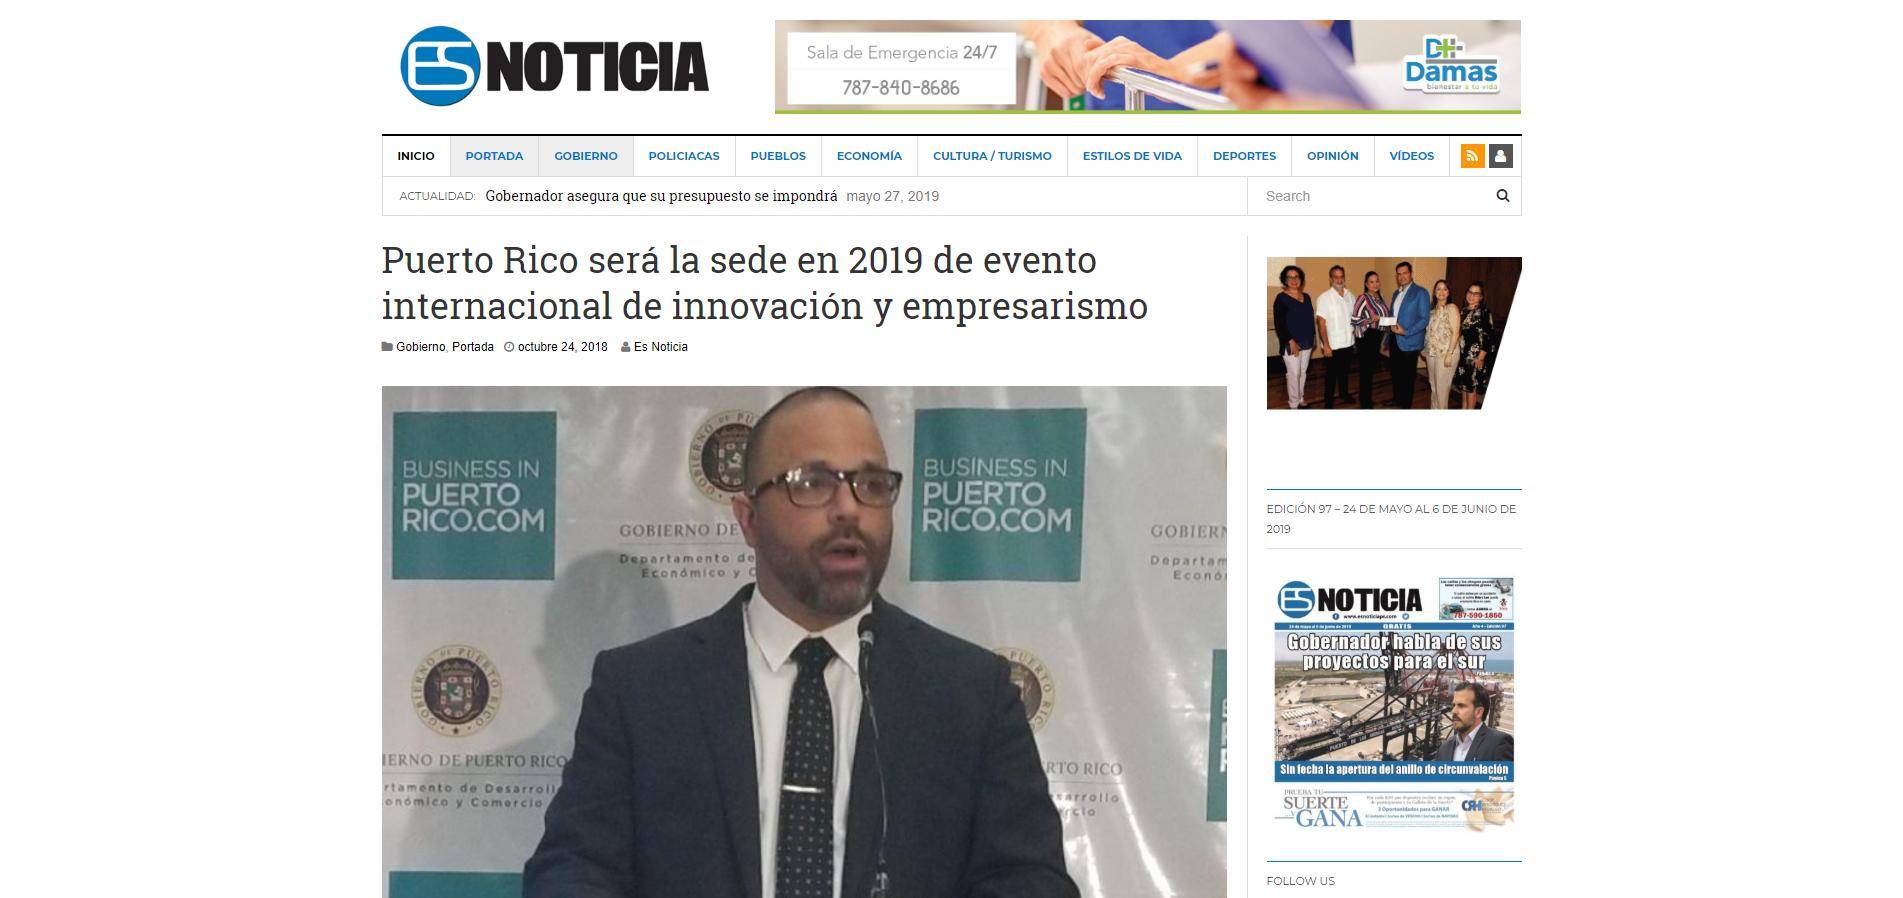 """""""Puerto Rico Será la Sede en 2019 de Evento Internacional de Innovación Y Empresarismo"""", Es Noticia, Octubre 24, 2019,"""